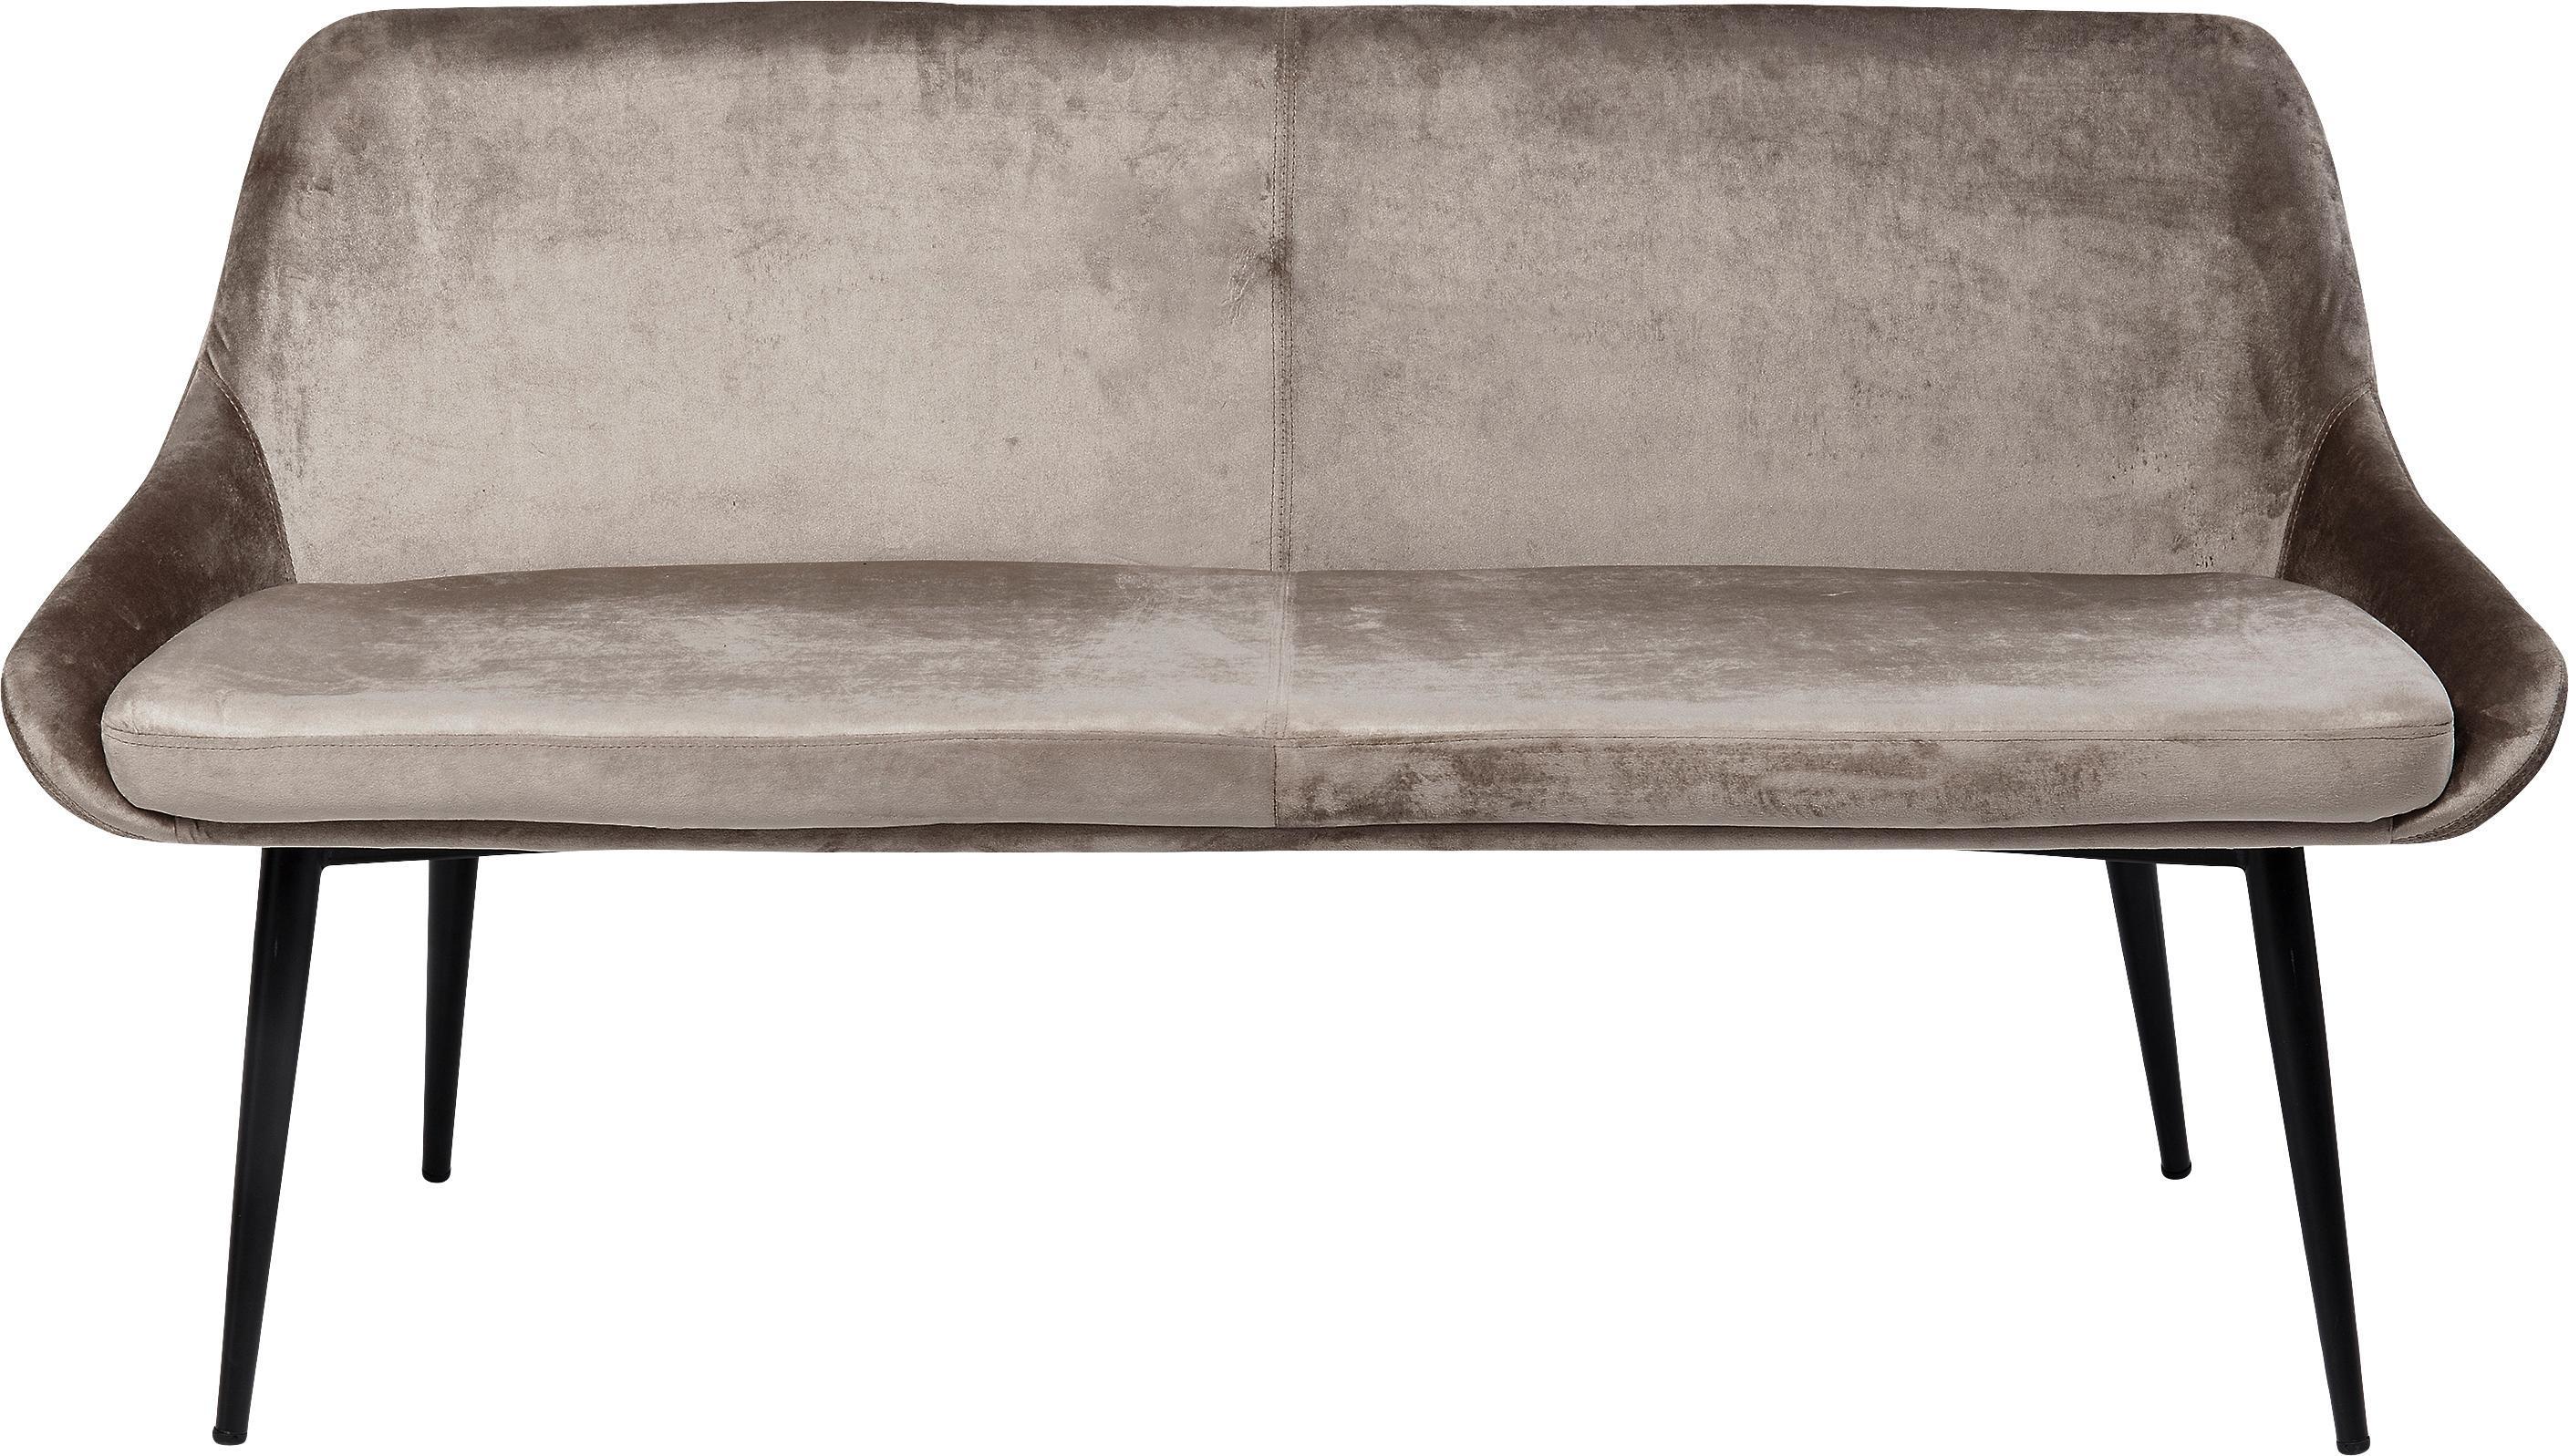 Fluwelen bank East Side, Bekleding: polyesterfluweel, Poten: gepoedercoat metaal, Frame: natuurlijk gelamineerd fi, Beige, B 154 x D 65 cm